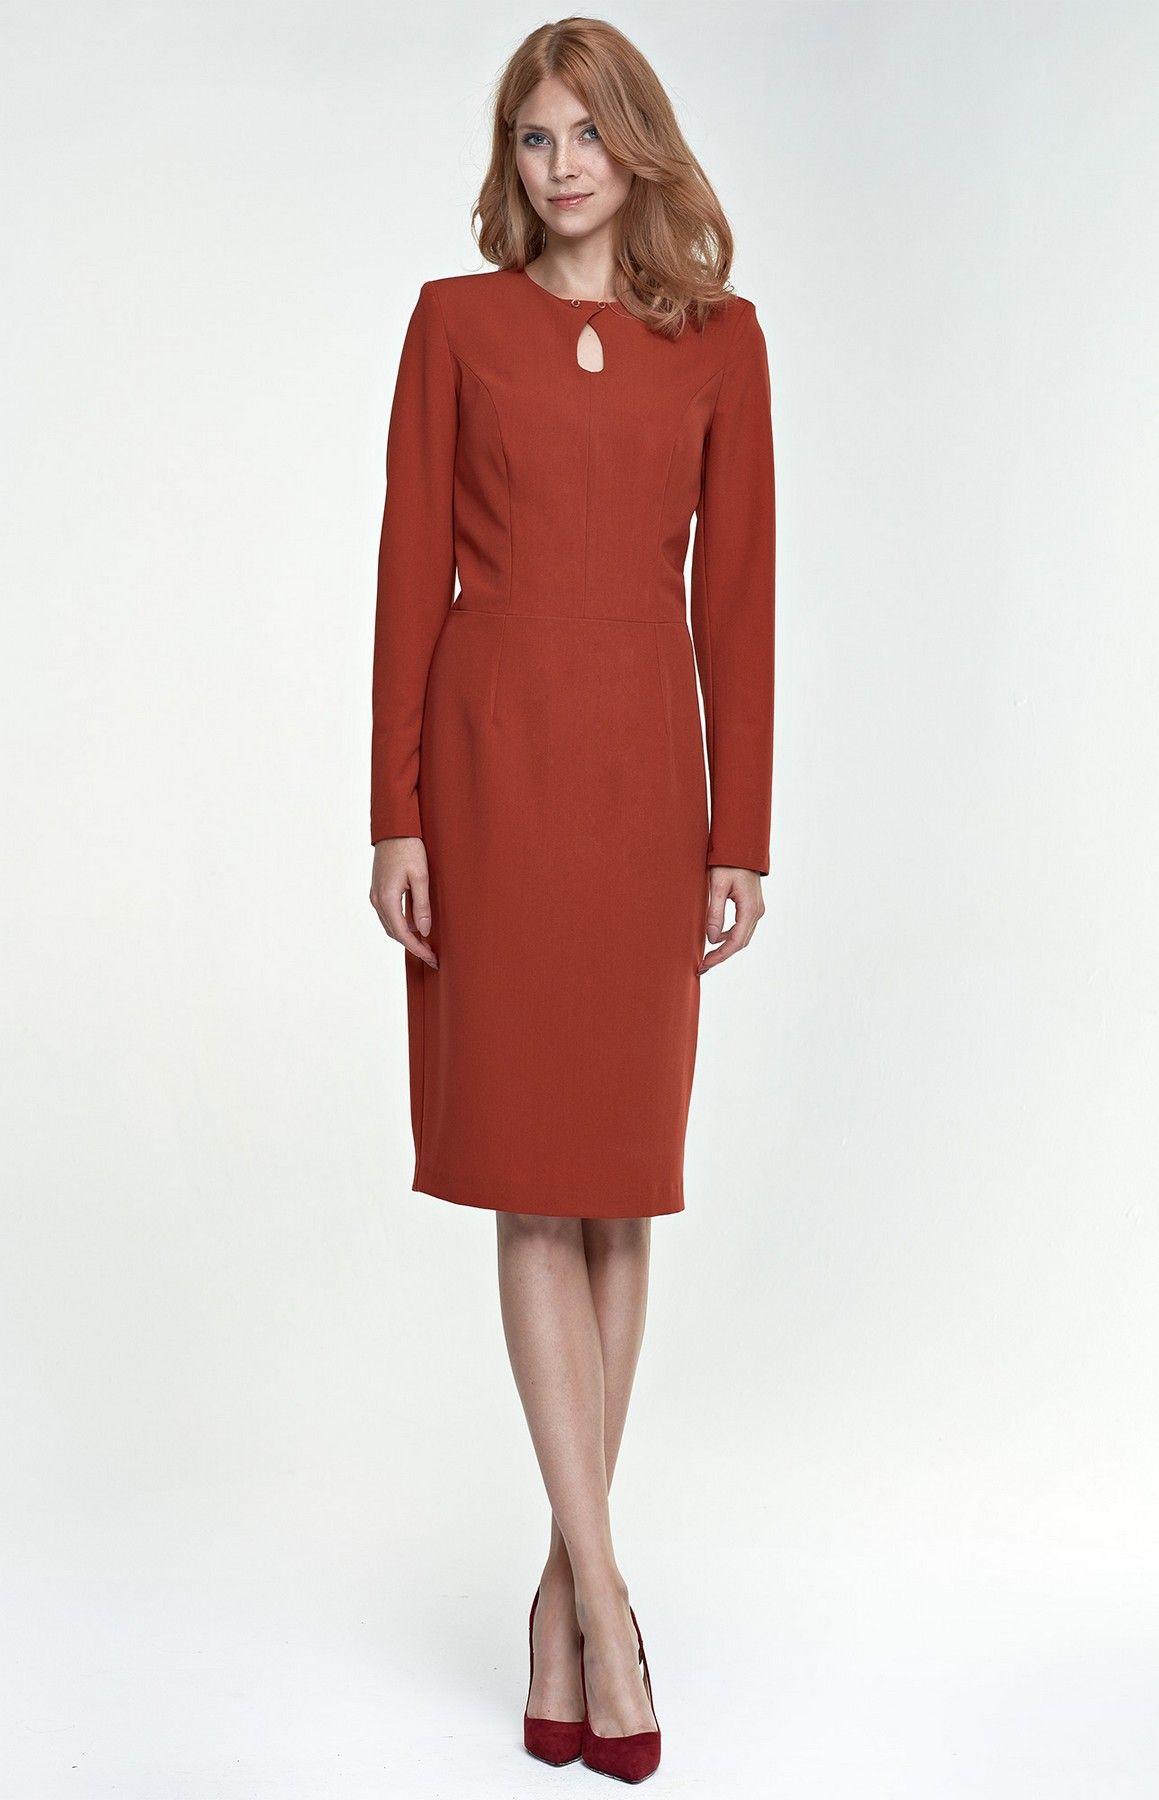 0a4e4b161b5 Une+robe +droite+à+manches+longues+rouille+orange+pour+un+parfait+working+girl+look.